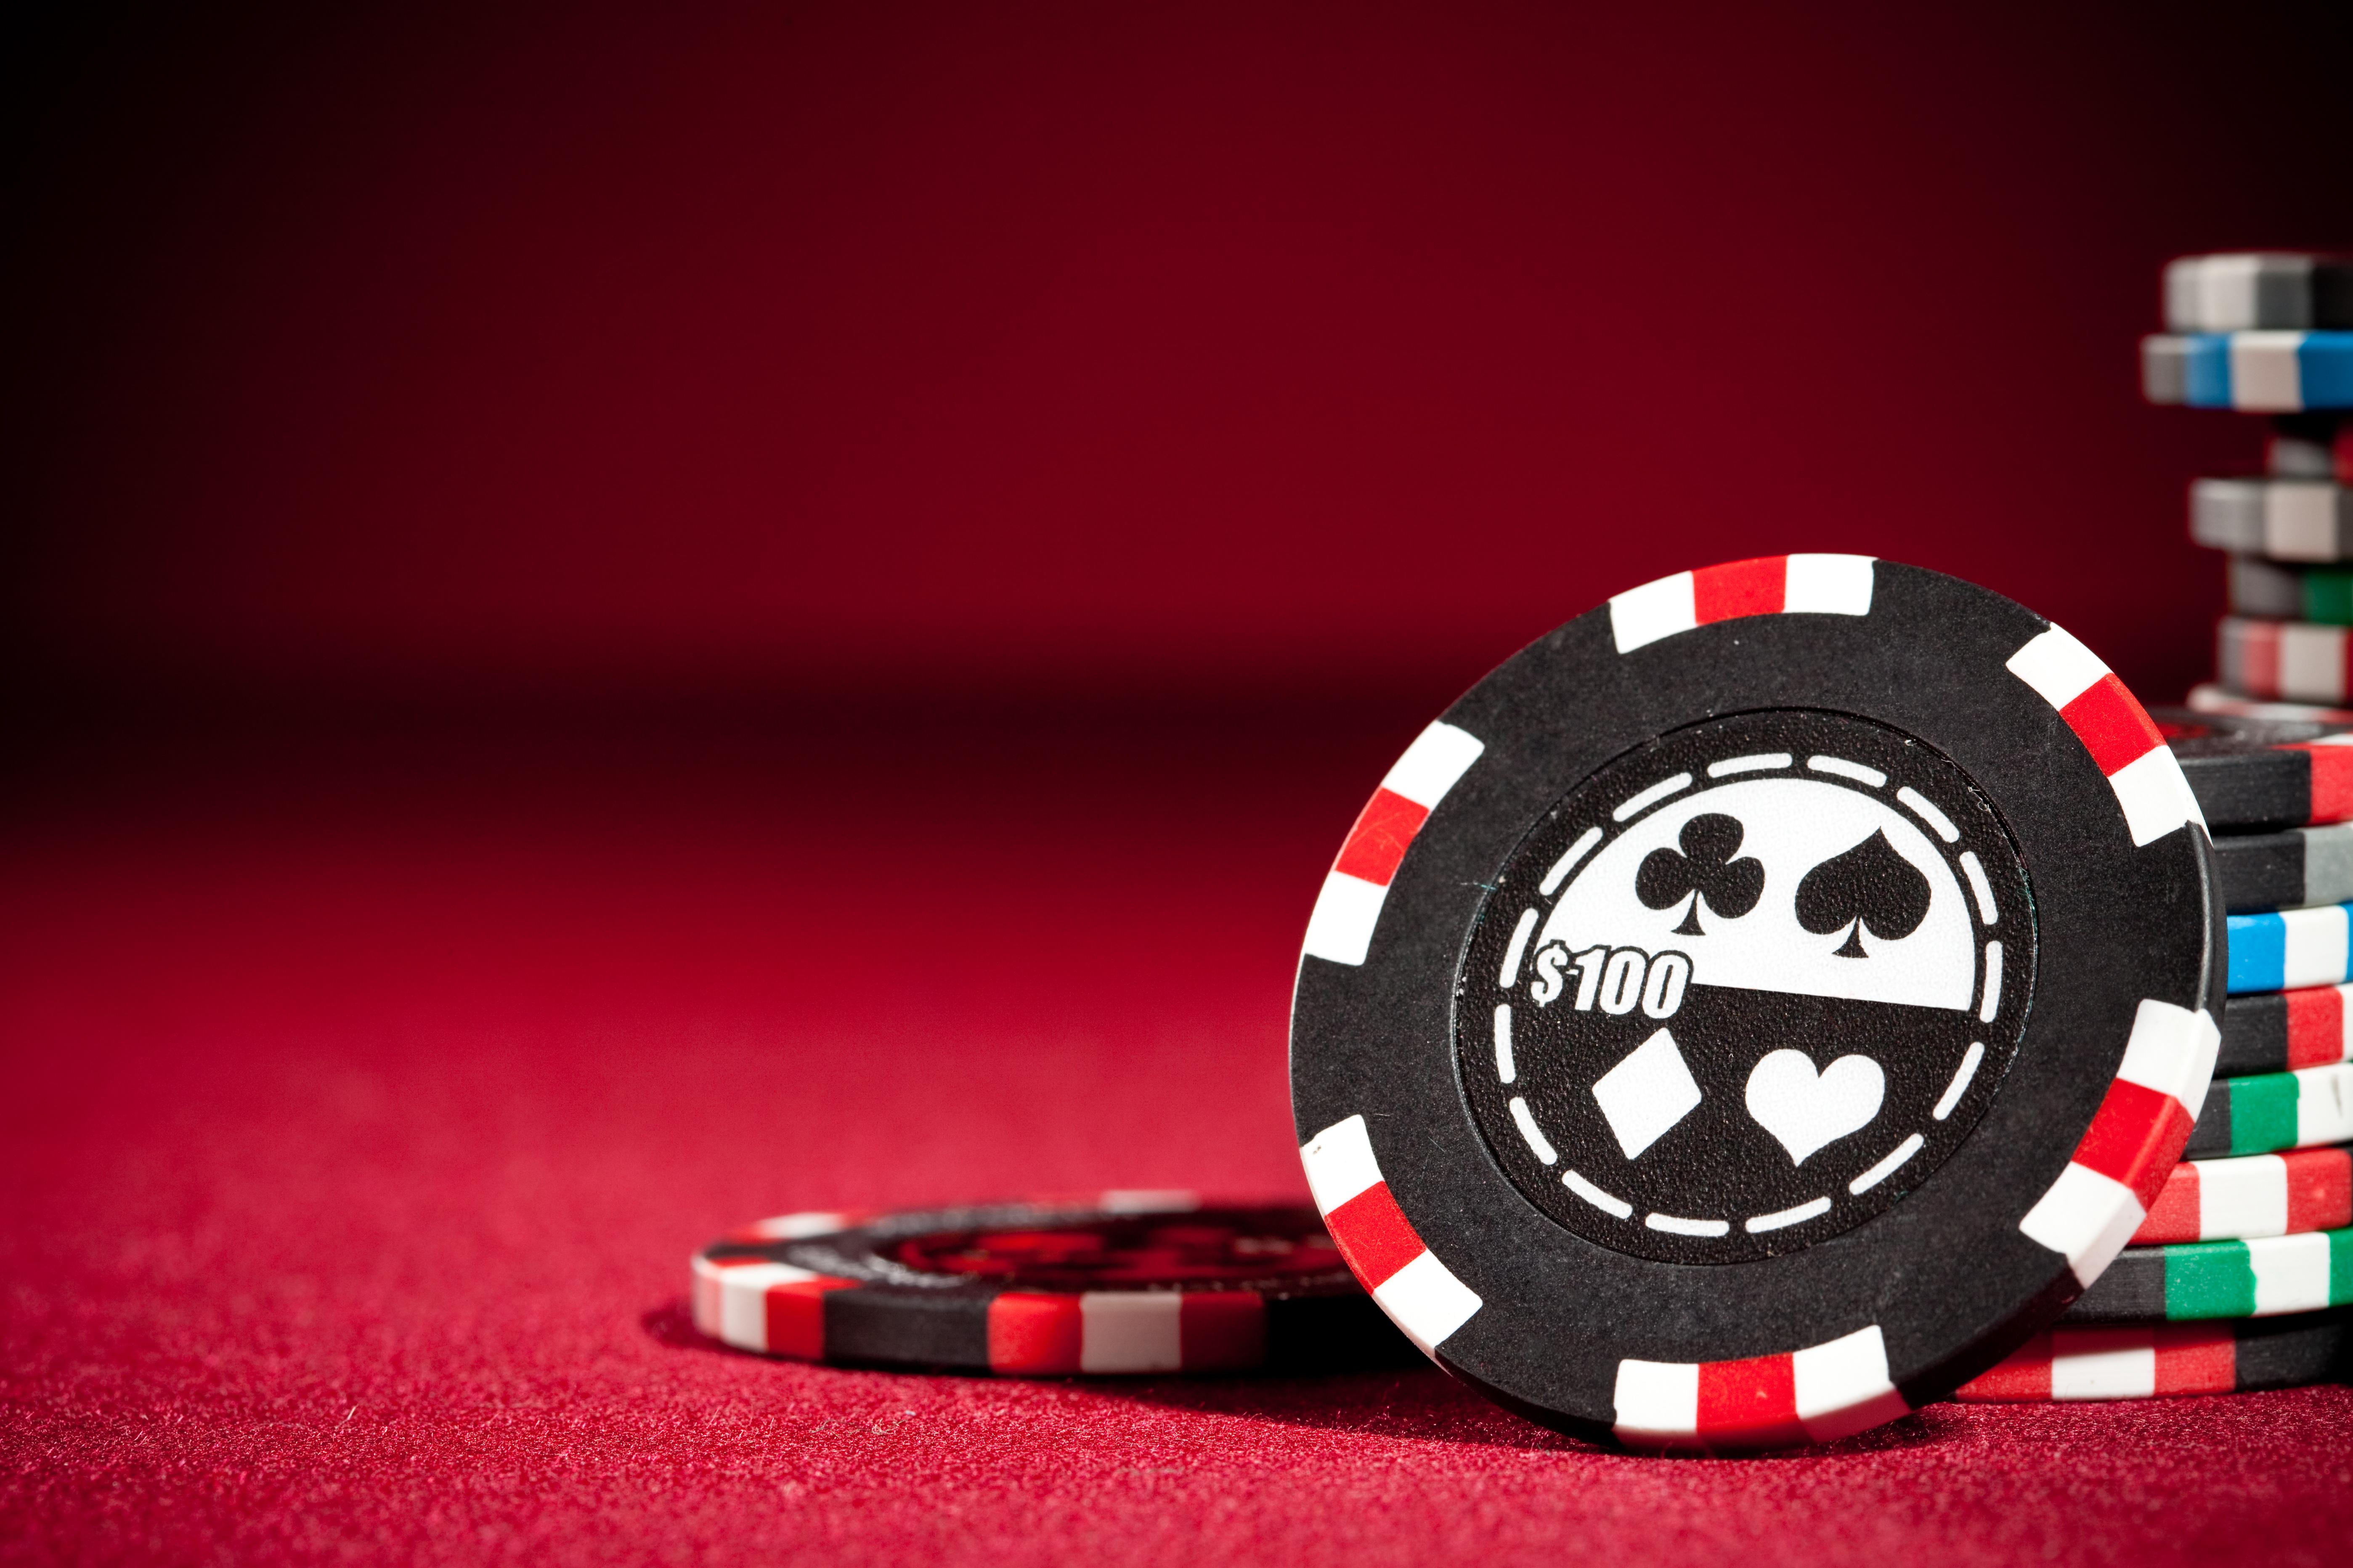 lottery 7 winner chino hills 11-15